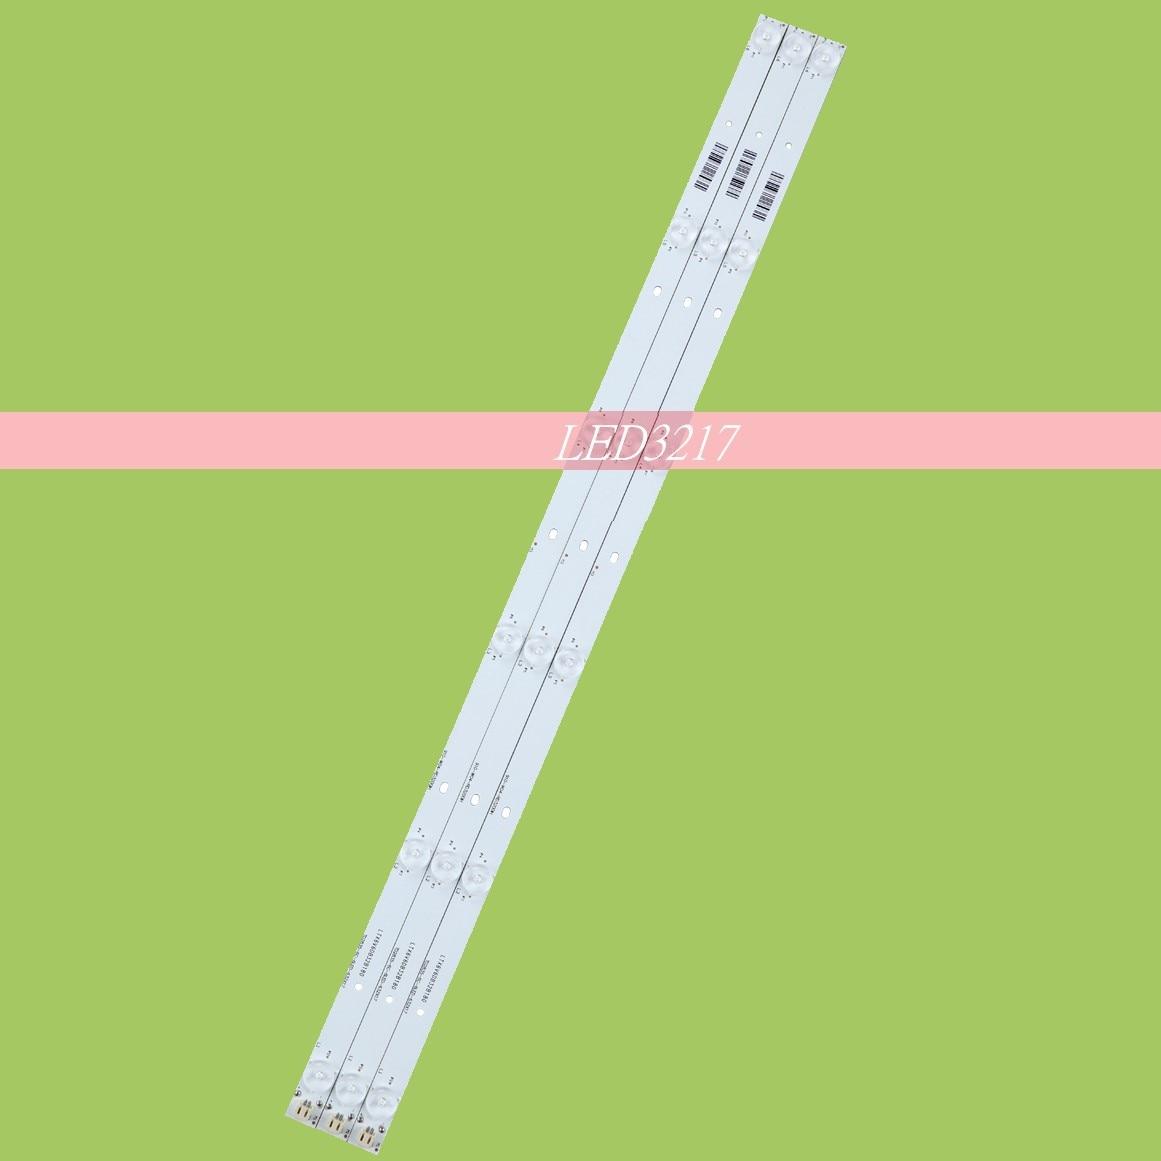 مثالية 32UA10 LED3217 شرائط مصباح 910-W04-RD3200RH RF-BB315B32-0601A-01